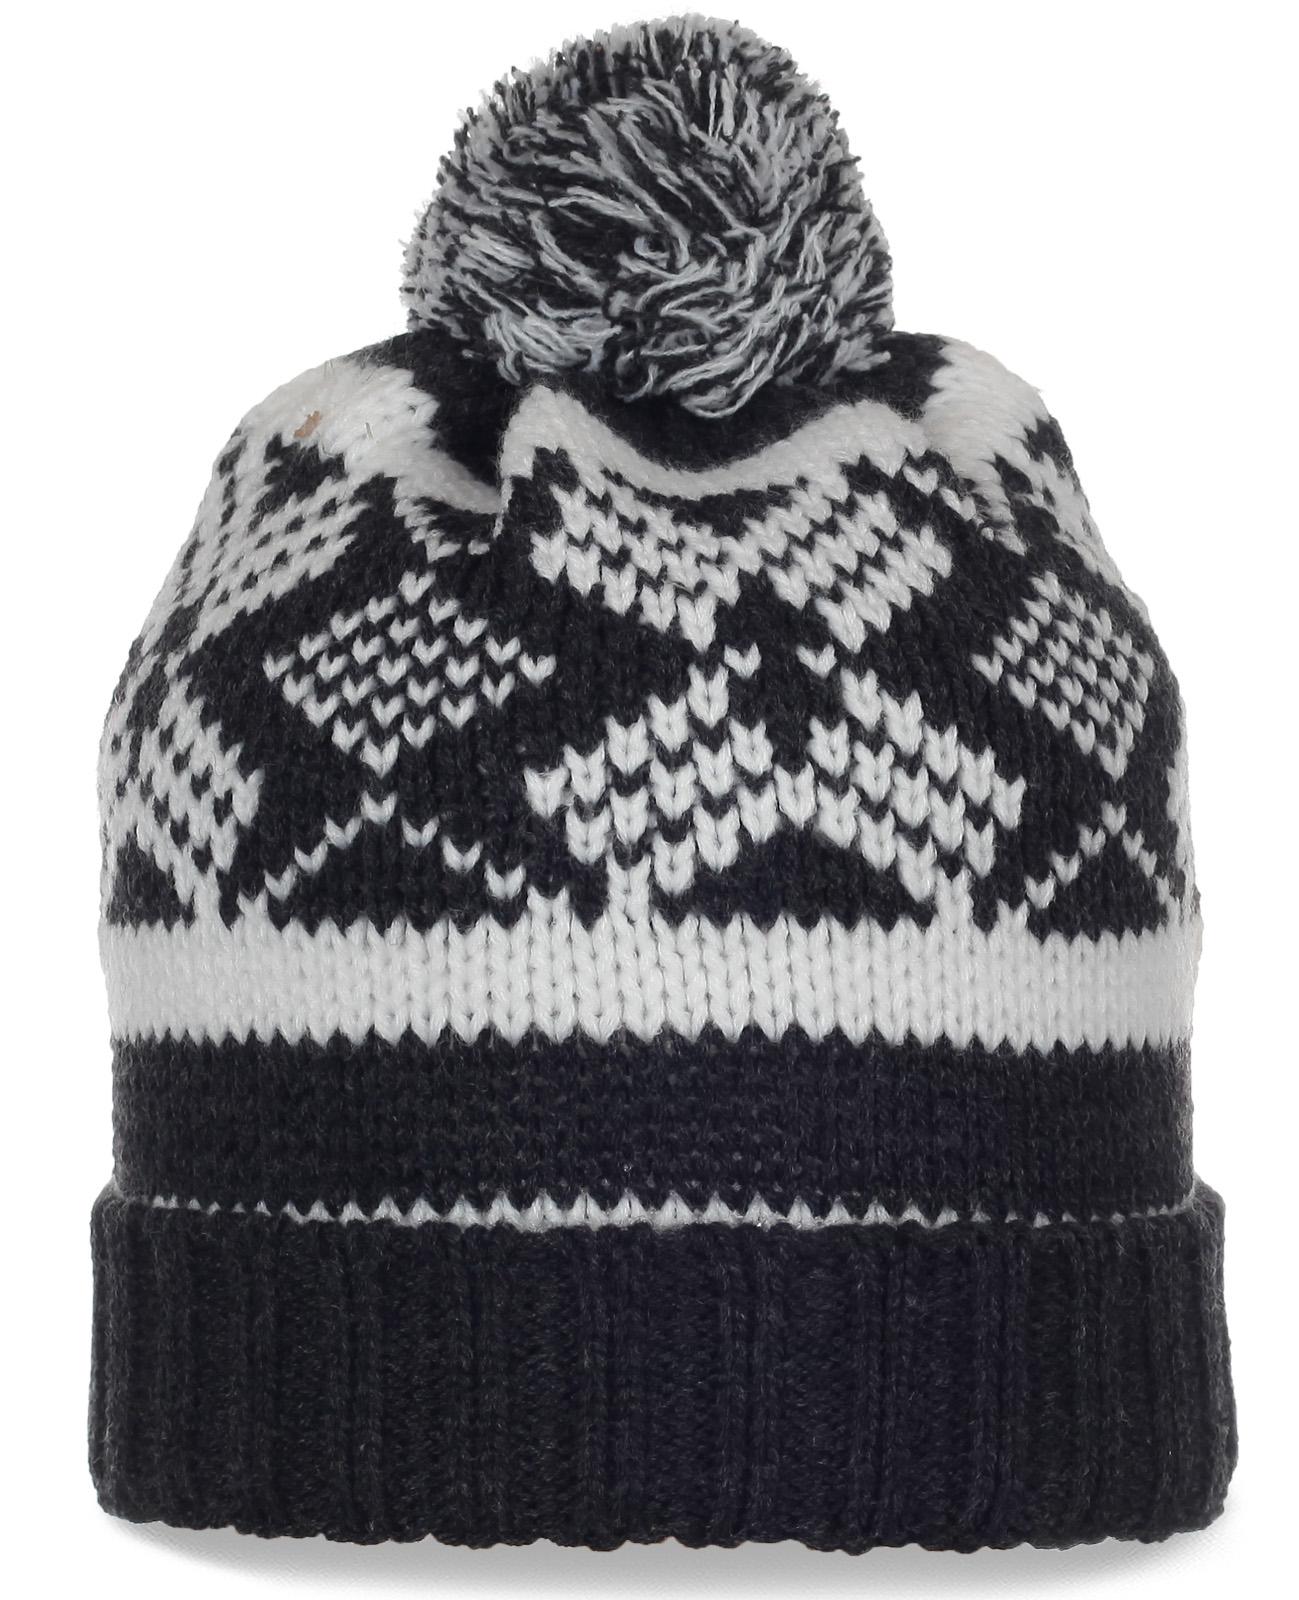 Вязаная шапка с помпоном для спортивных девушек. Безупречная модель, в которой тепло и удобно ВСЕГДА!